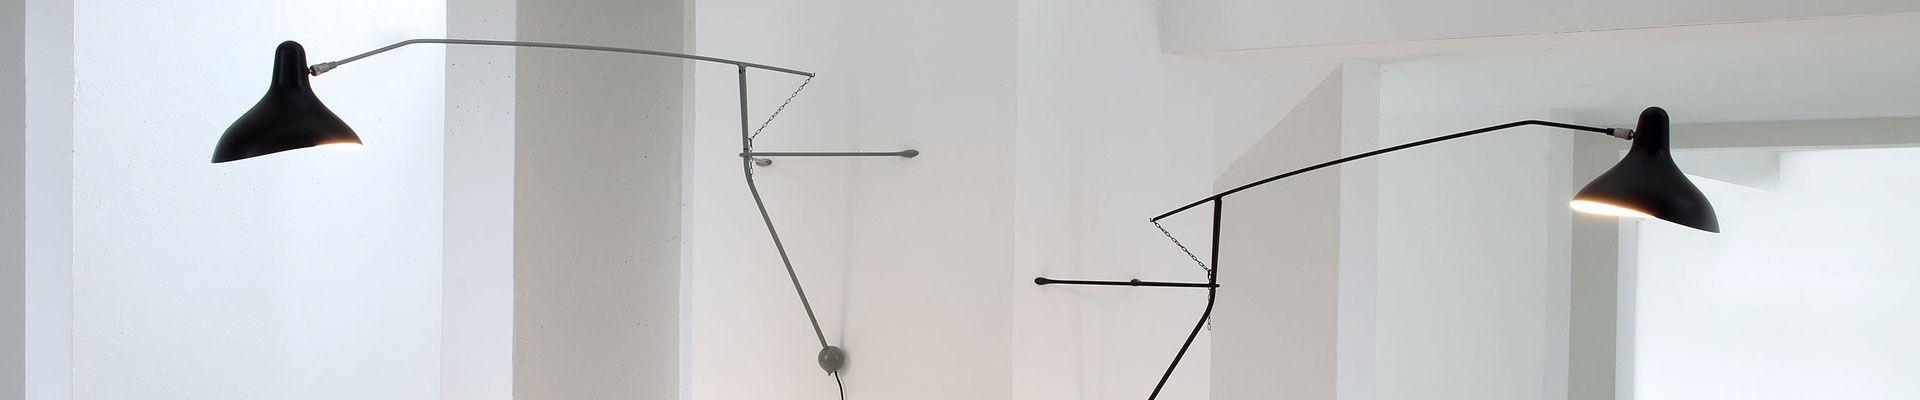 DCW éditions Lampe Mantis